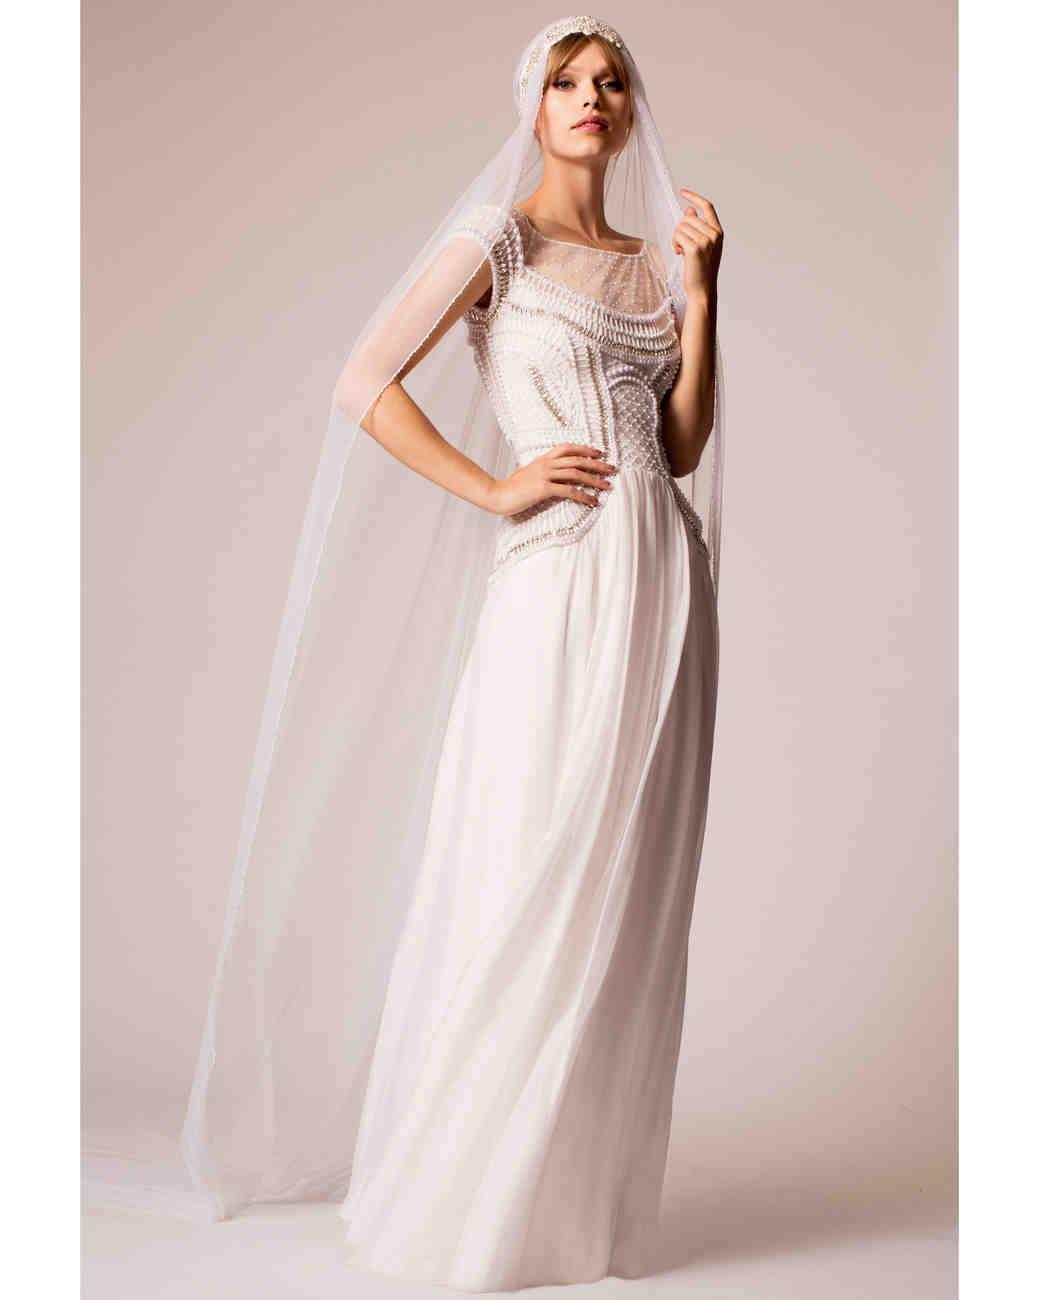 trends-pearls-temperley-london-fall2016-savannah-dress-1015.jpg